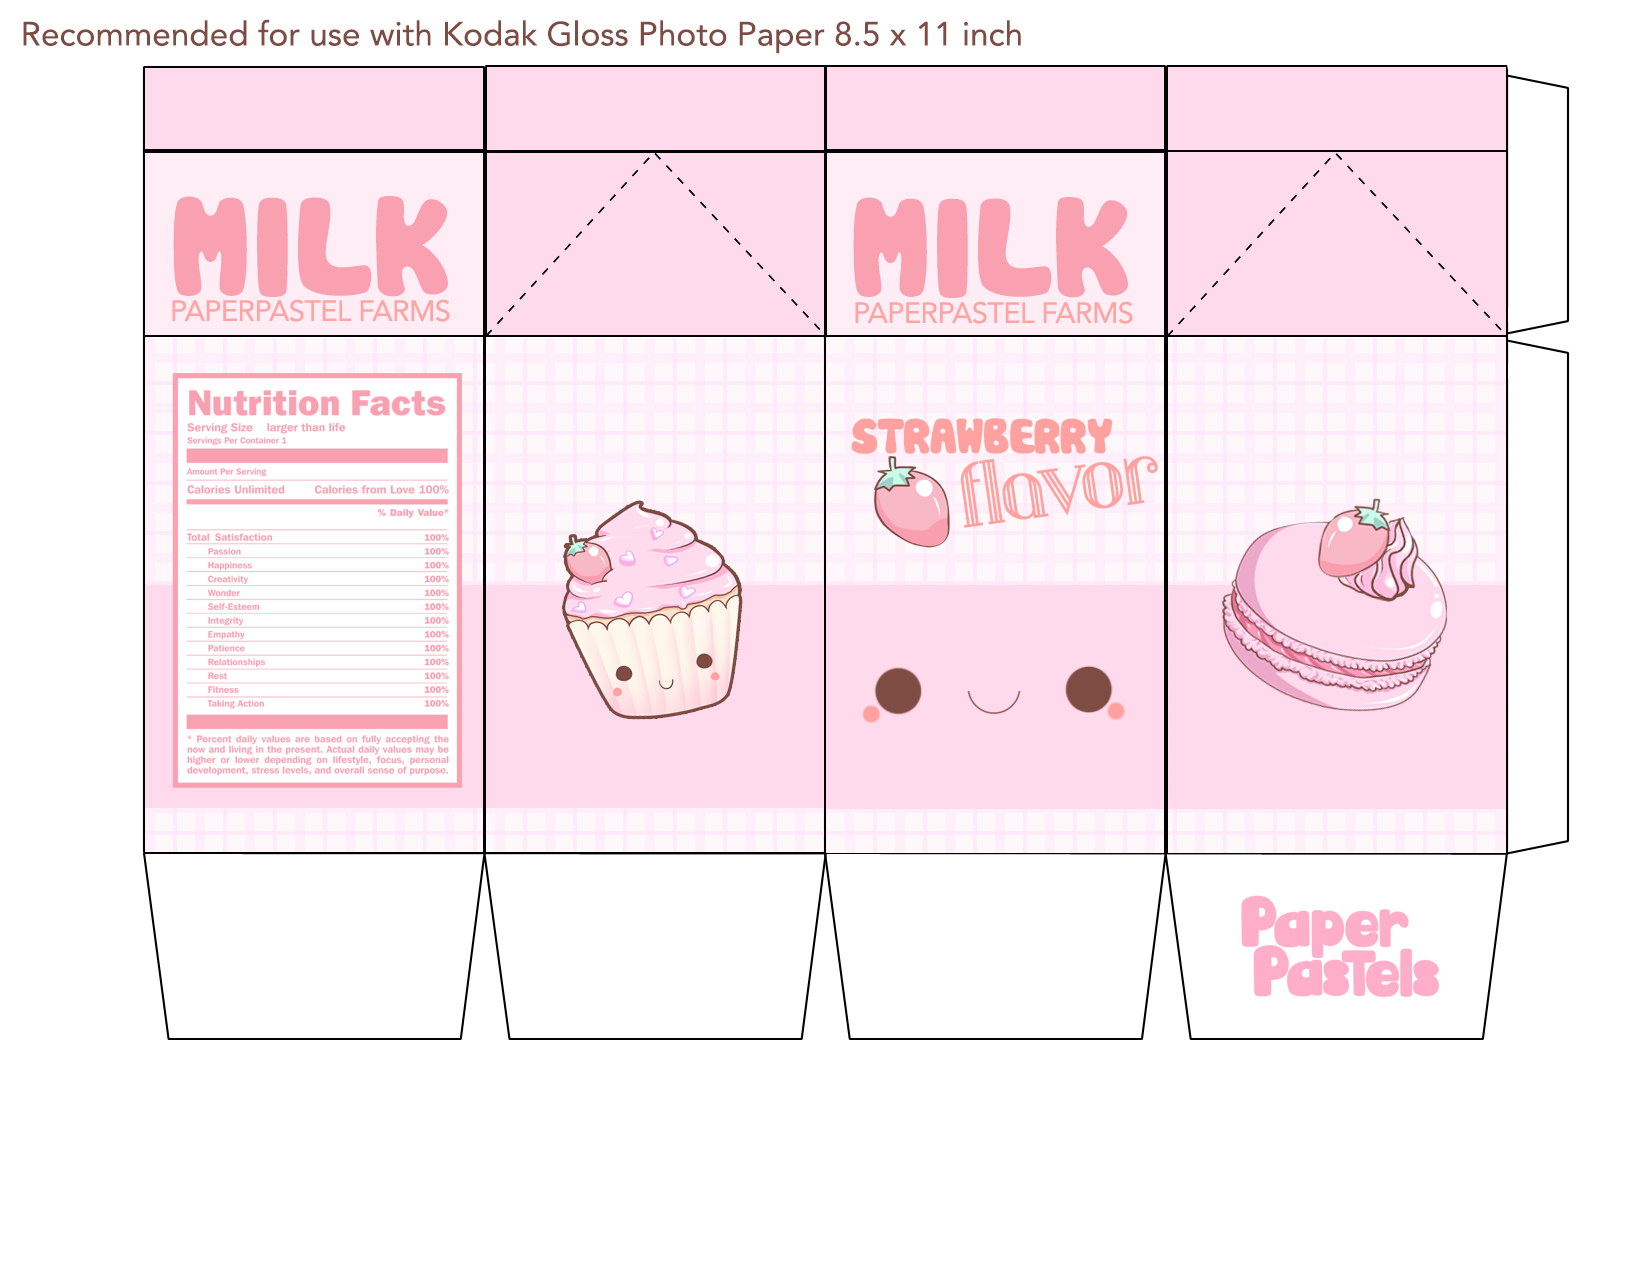 milk carton printable box  Google Search  Crafty for Kiddos